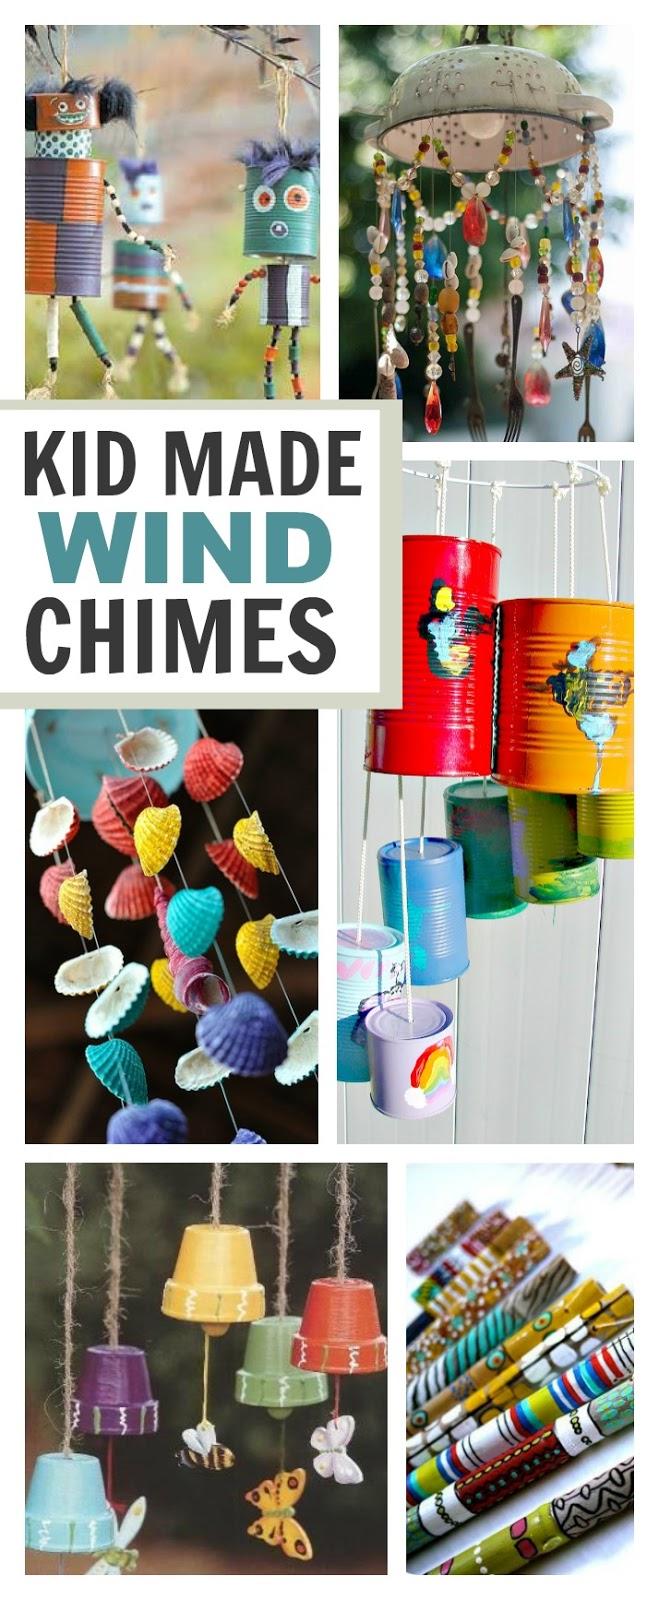 20+ wind chime crafts kids can make- these are BEAUTIFUL!  I want to make them all! #windchimesdiy #winchimeshomemade #windchimesdiykids  #springcraftsforkids #kidscrafts #craftsforkids #springactivitiesforkids #artsandcraftsforkids #activitiesforkids